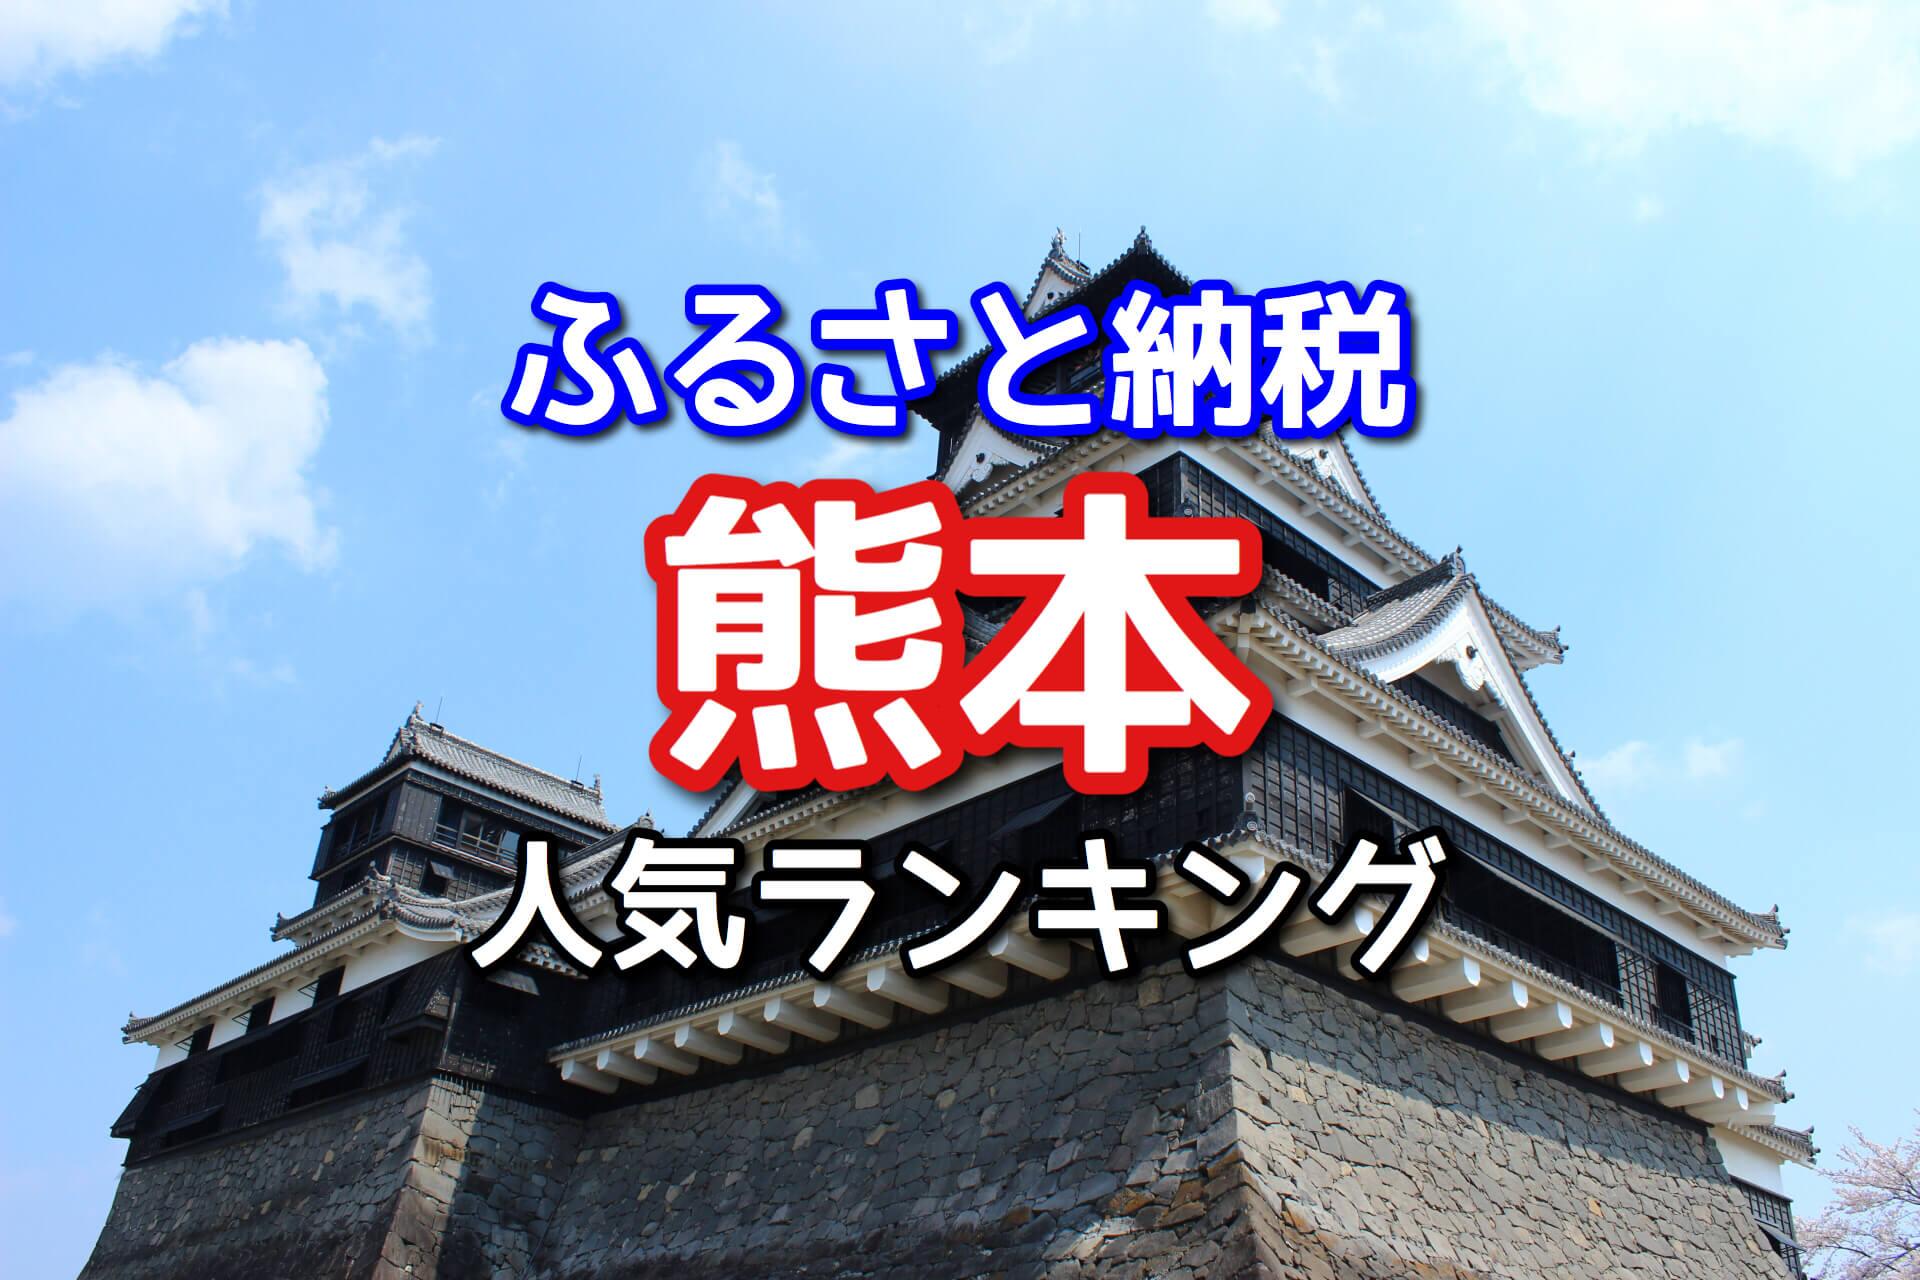 【ふるさと納税】熊本のおすすめ返礼品10選!人気ランキング2018